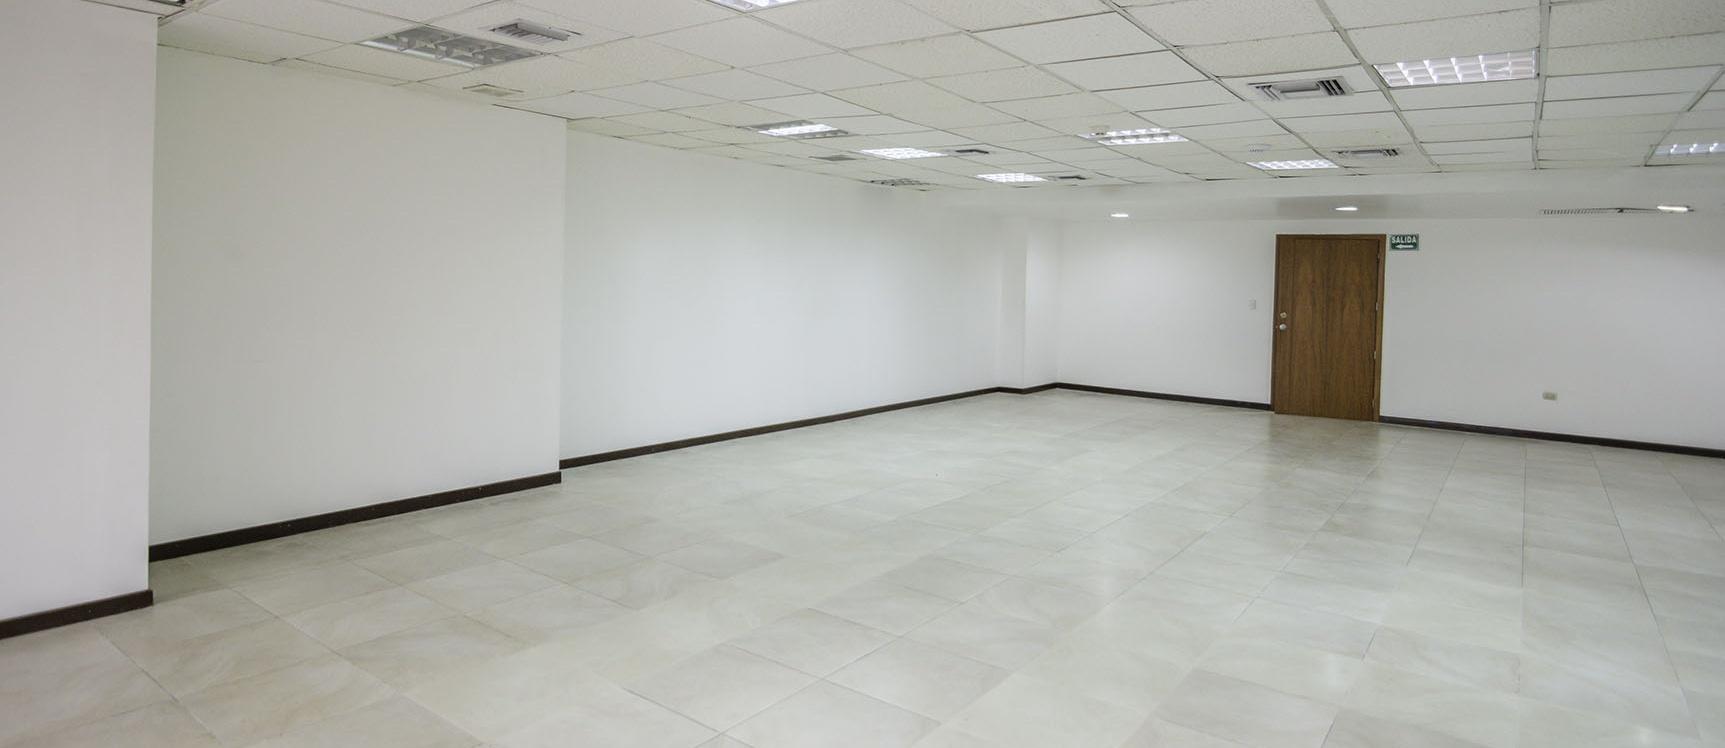 GeoBienes - Oficina en alquiler en el Hotel Sonesta, Norte de Guayaquil - Plusvalia Guayaquil Casas de venta y alquiler Inmobiliaria Ecuador